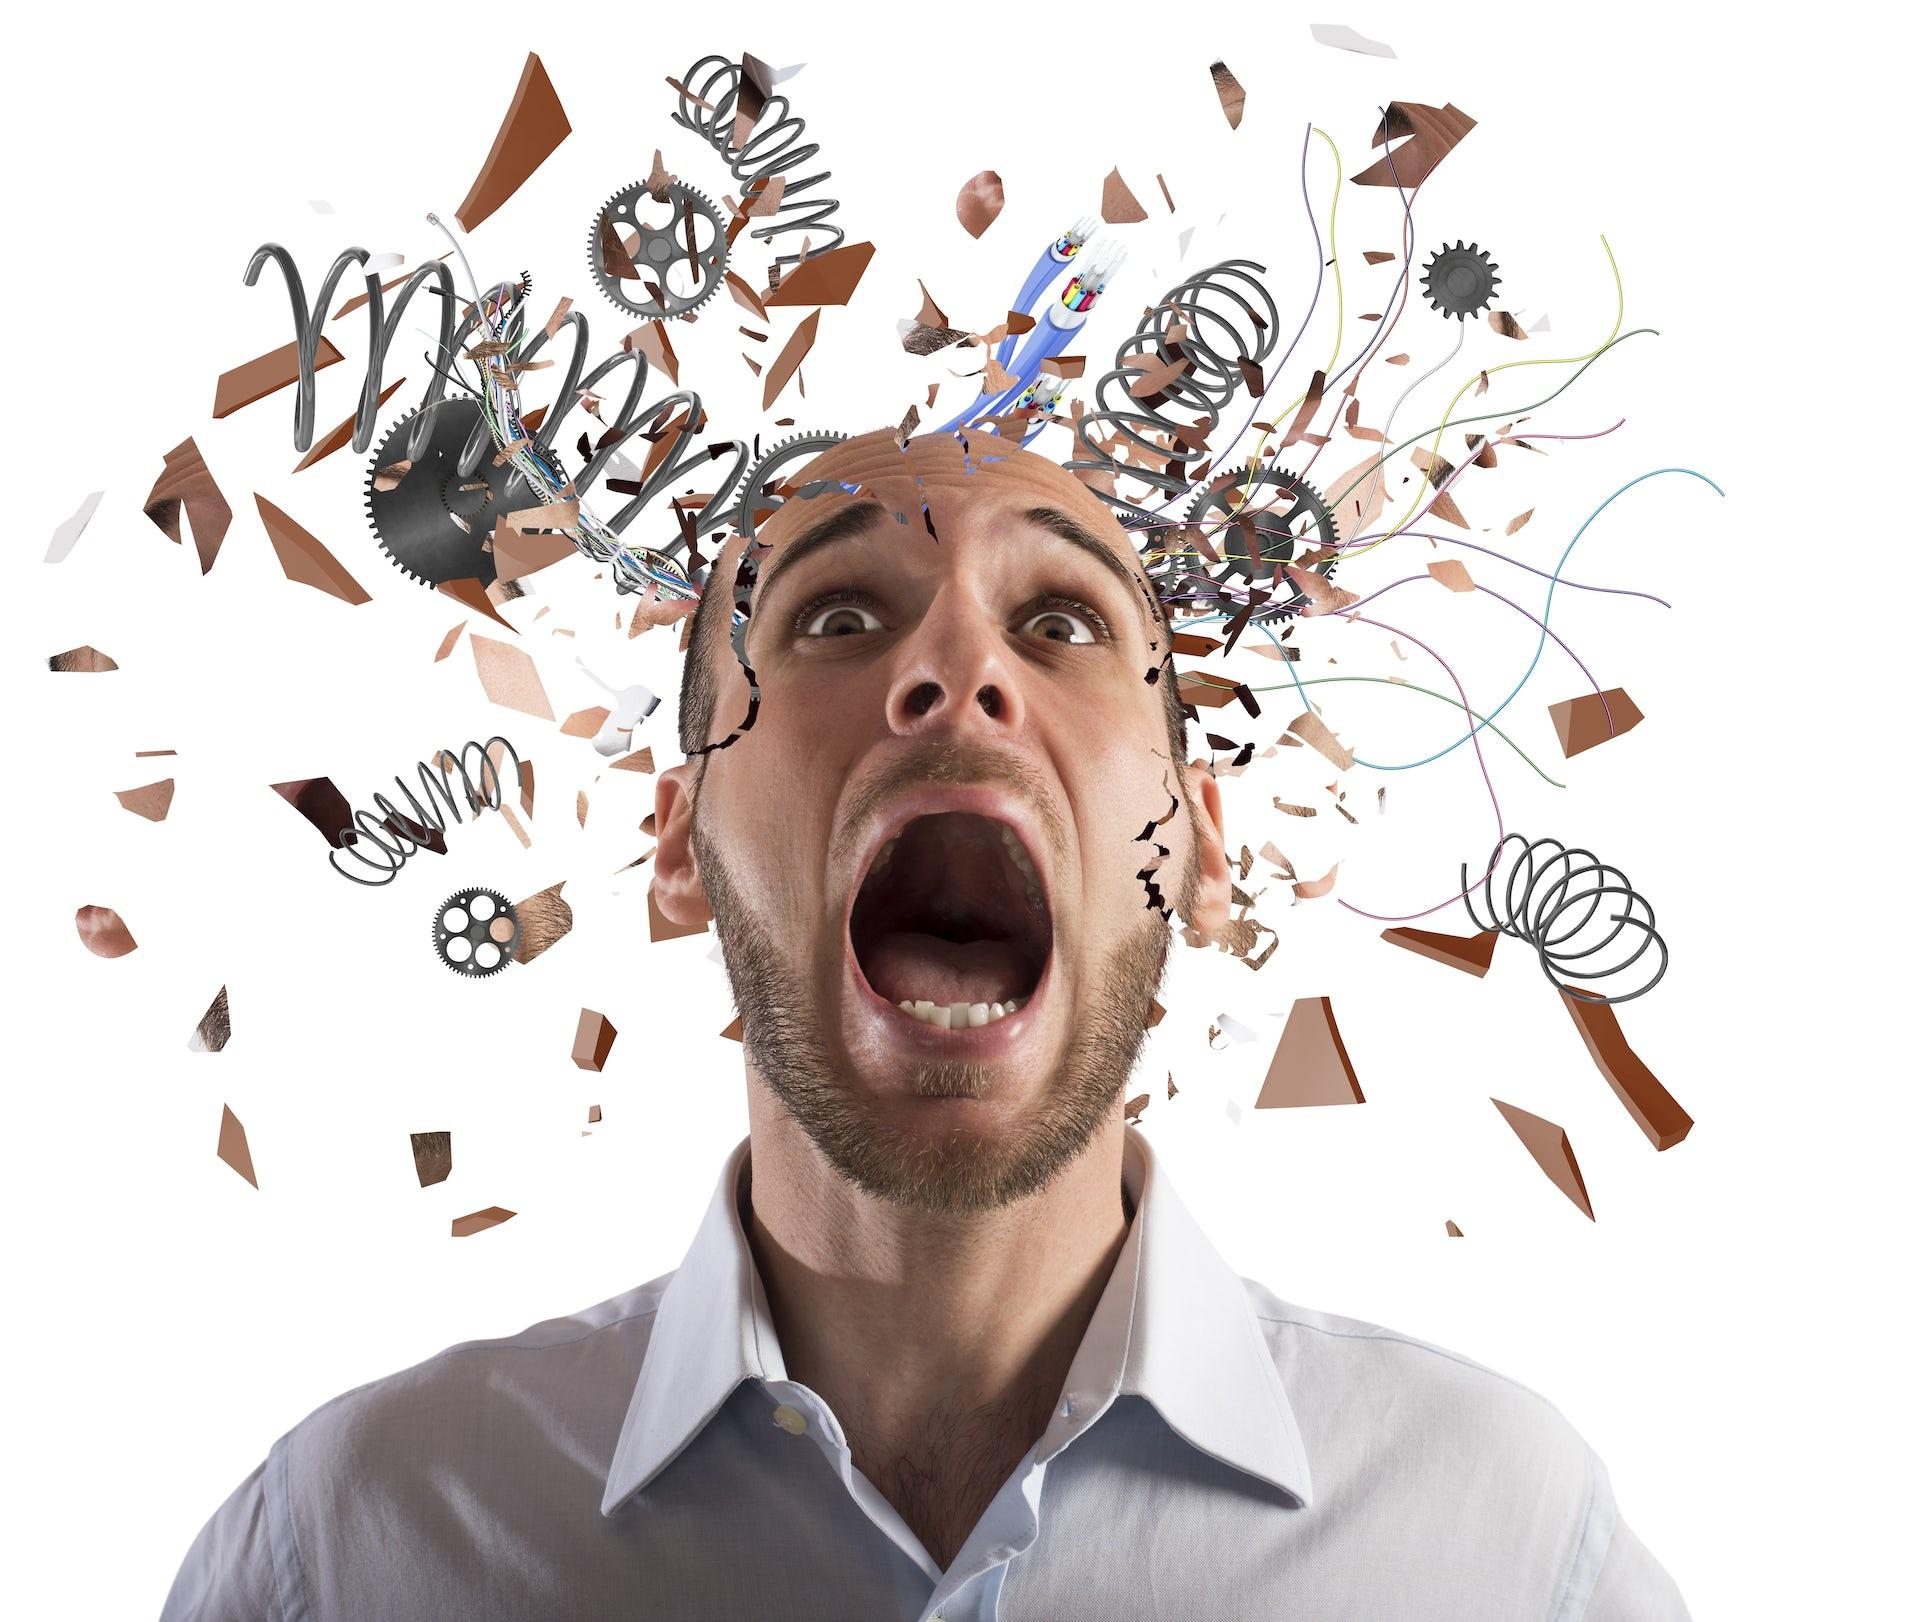 Resultado de imagem para stressed